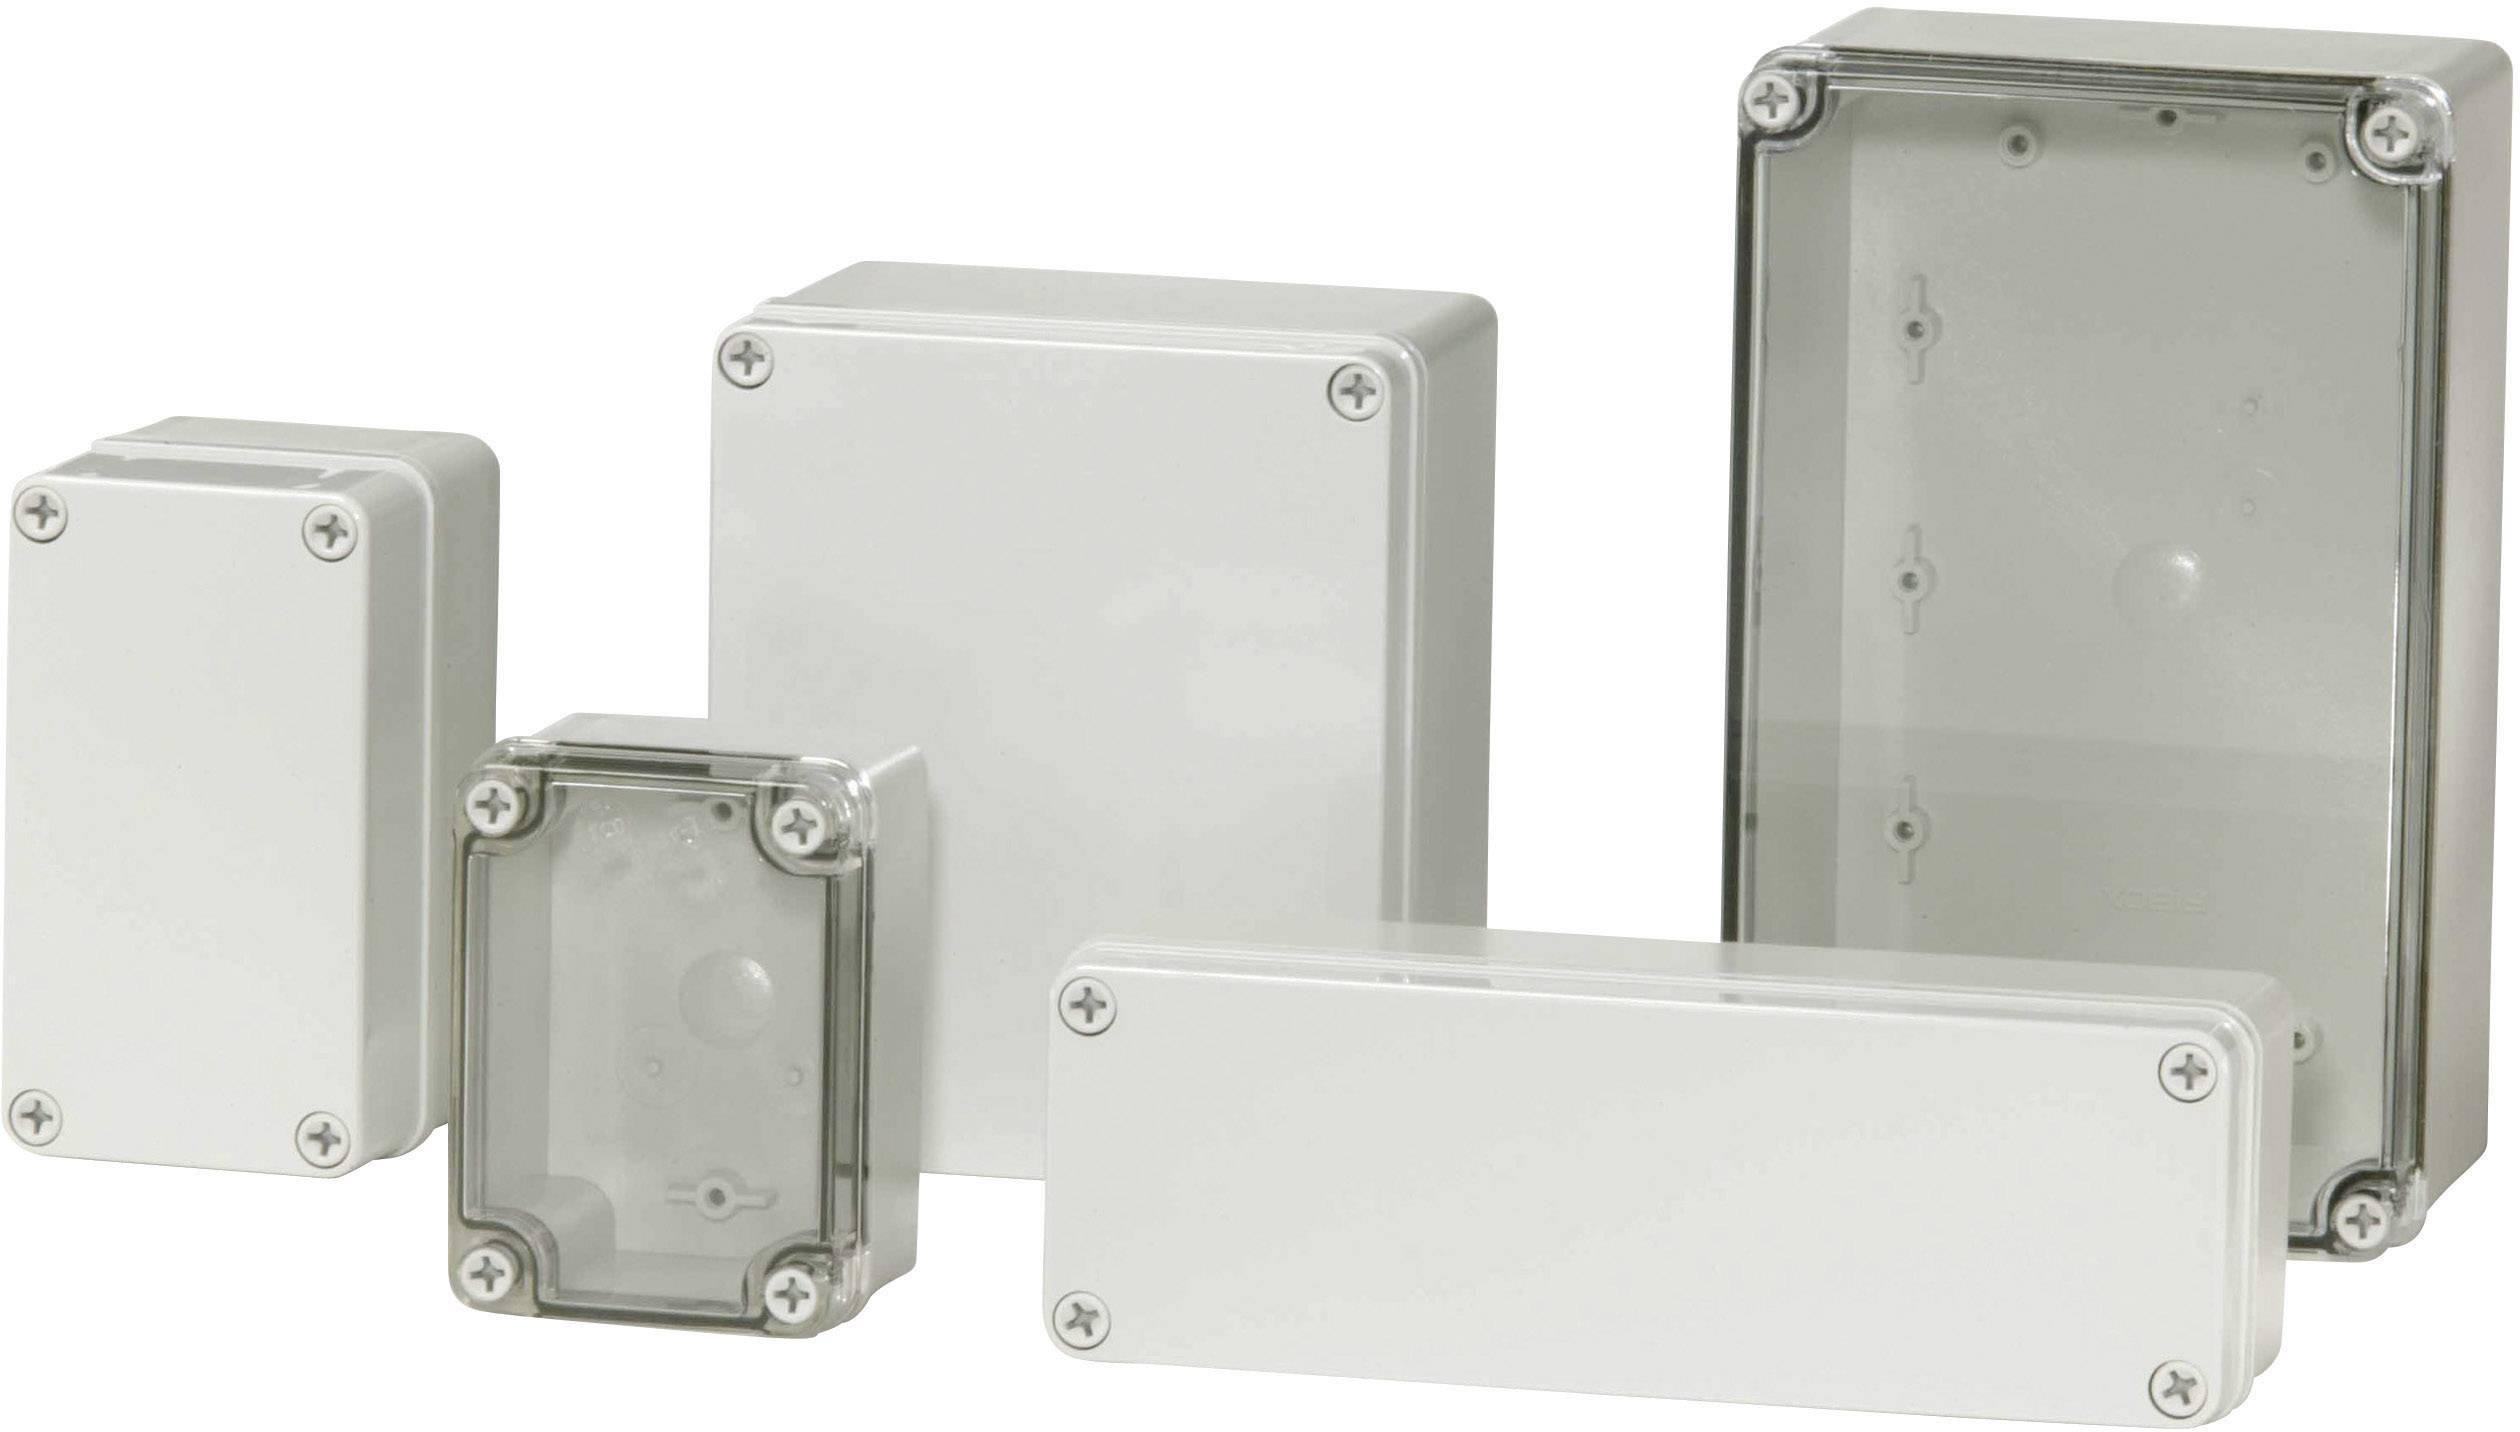 Inštalačná krabička Fibox PICCOLO PC H 95 T, (d x š x v) 170 x 140 x 95 mm, polykarbonát, svetlo sivá (RAL 7035), 1 ks